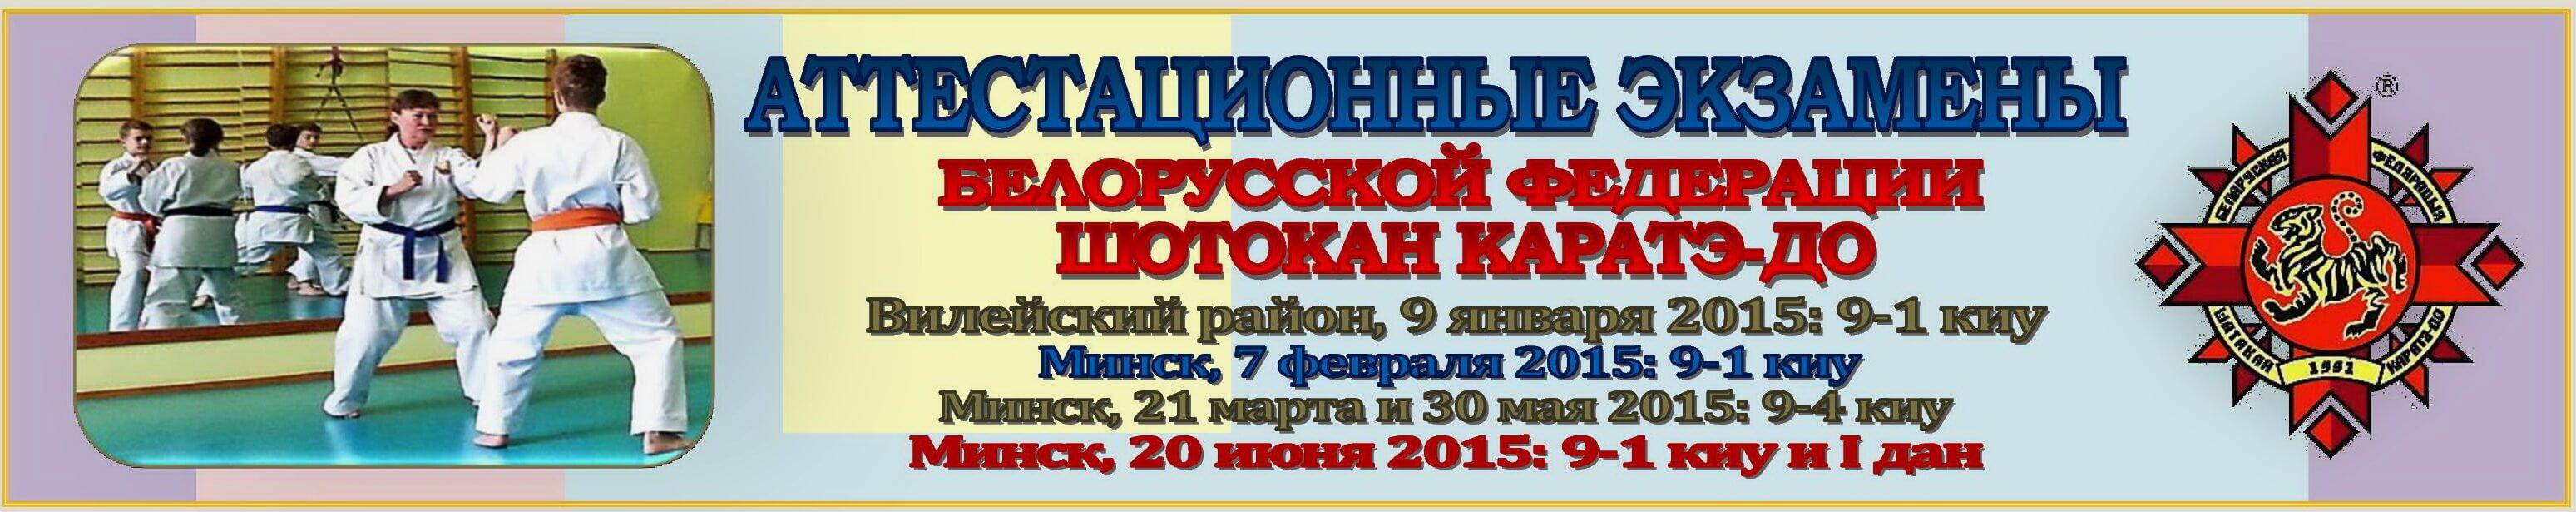 Аттестация БФШК 2015 01-06 Баннер